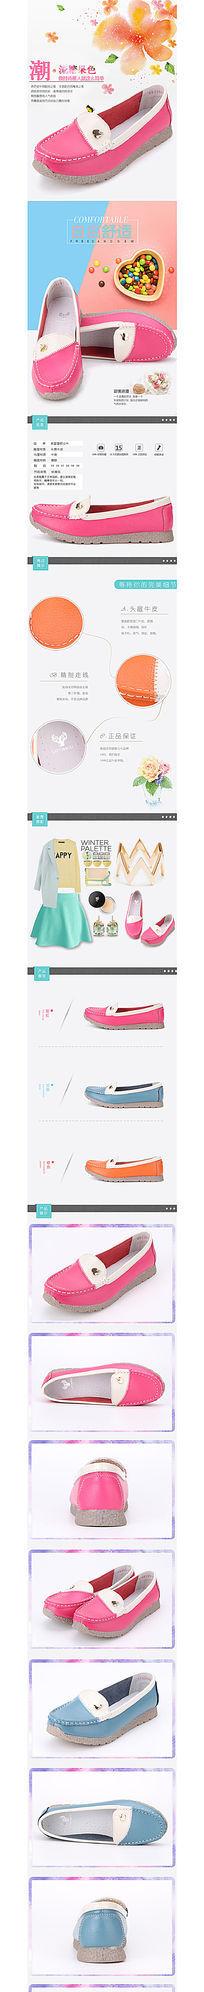 淘宝女鞋详情页设计模板